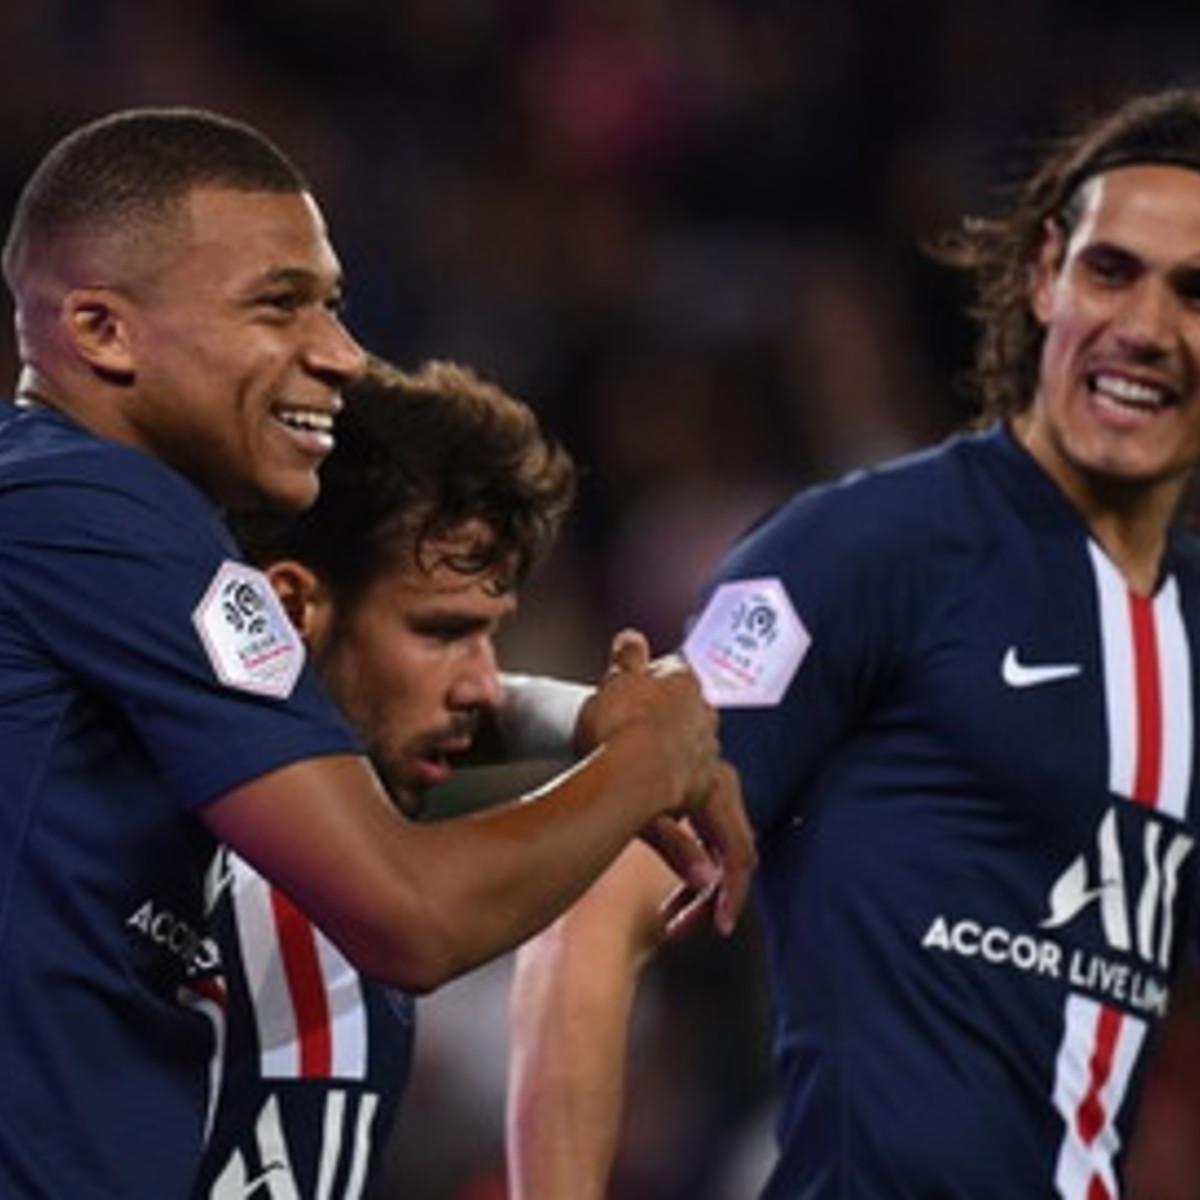 Ligue1: Cavani-Mbappe-Di Maria, Psg in scioltezza anche senza Neymar